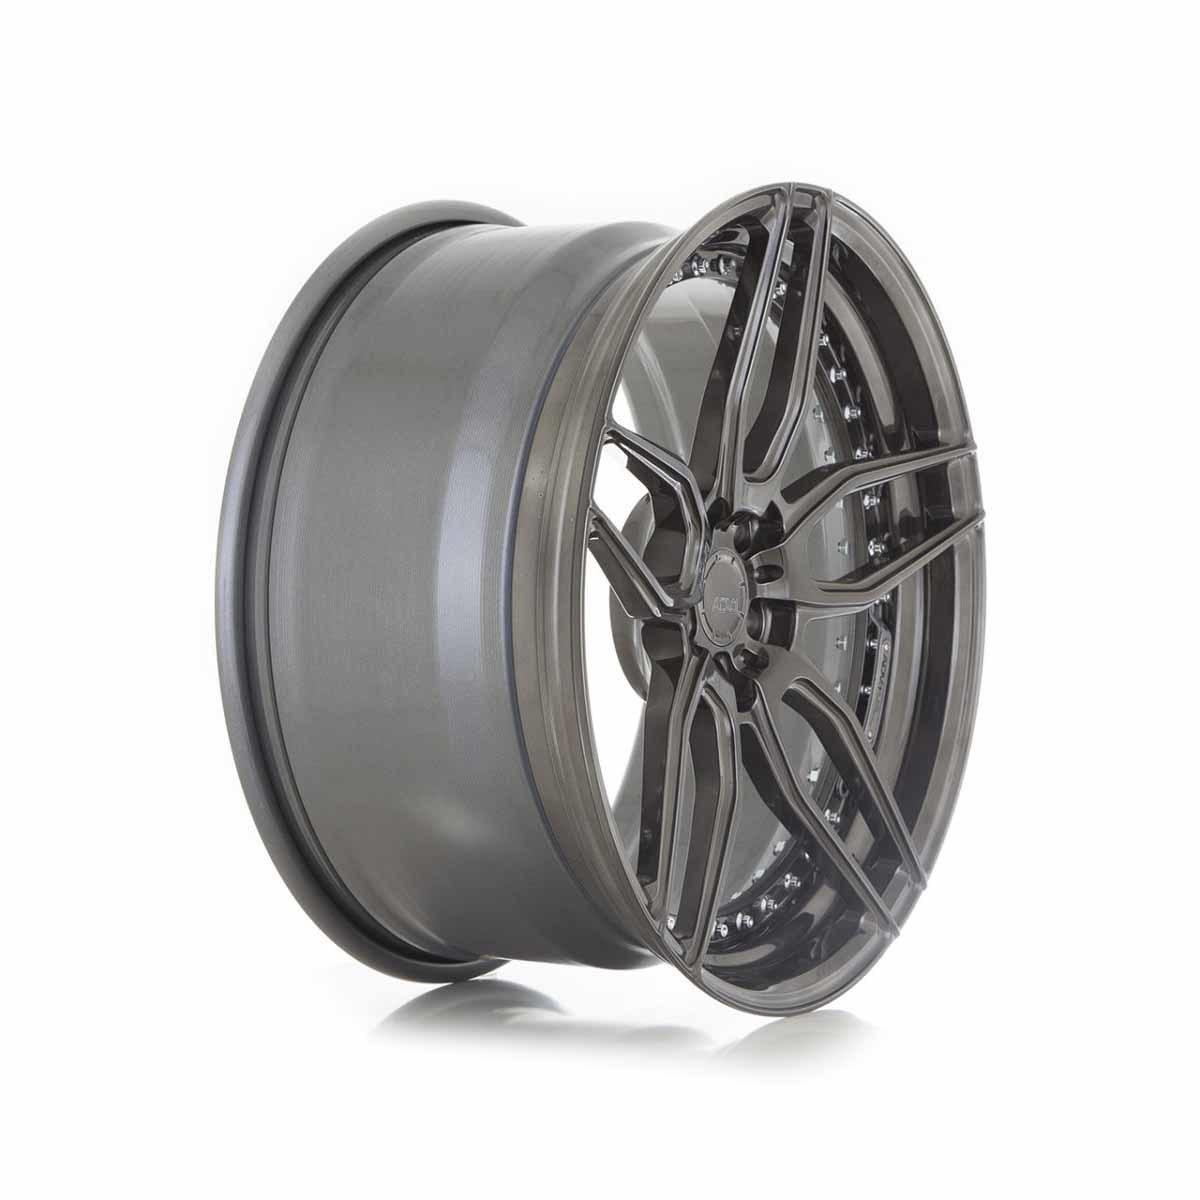 ADV.1 ADV005 M.V2 (SL Series) forged wheels